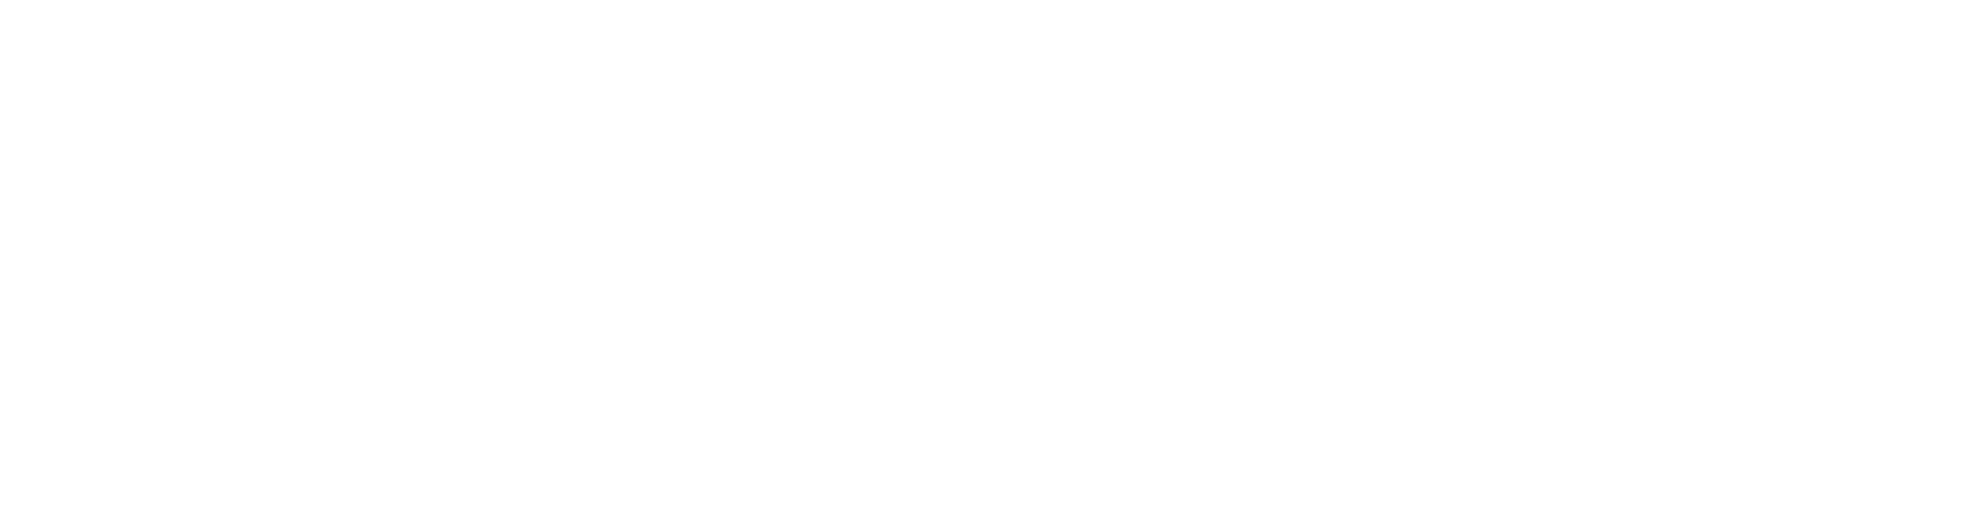 Reetta Hyvärinen – Vihreät, Kirkkonummi